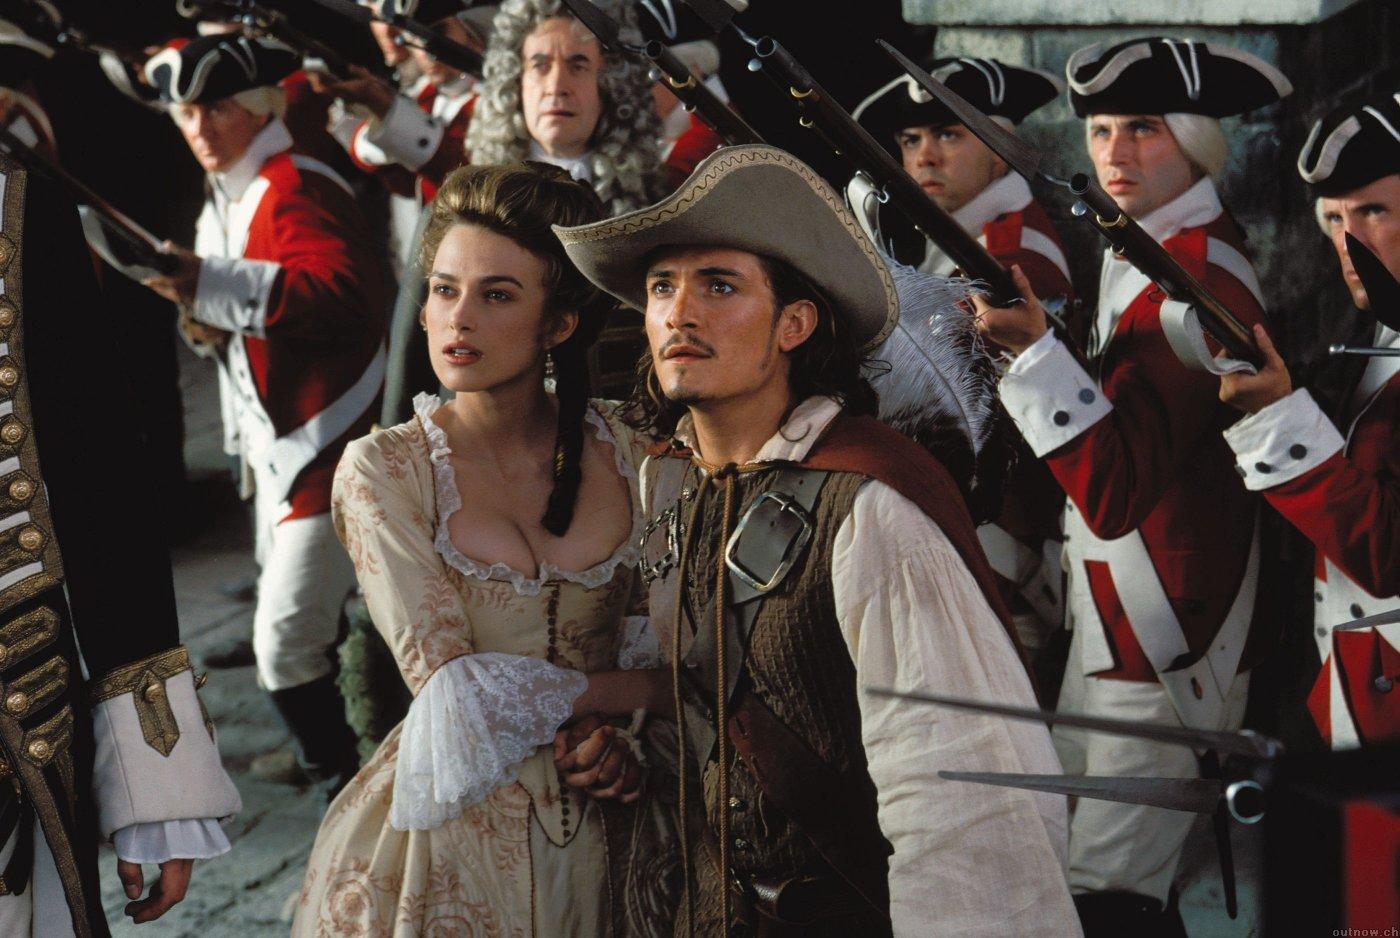 Кадр из фильма «Пираты Карибского моря: Проклятие Черной жемчужины» (2003)